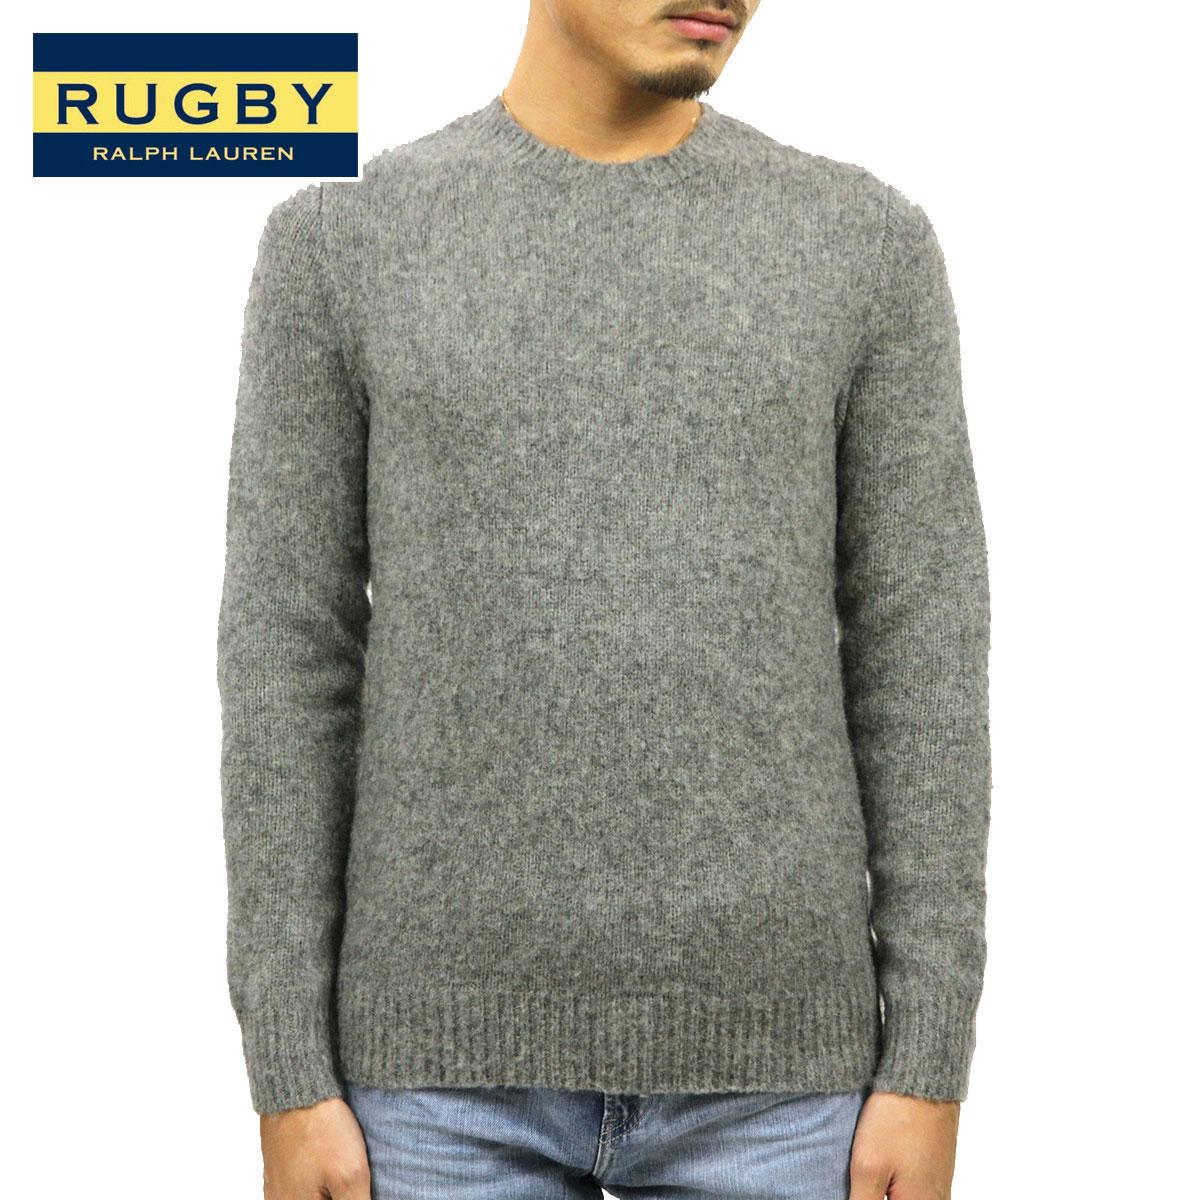 ラルフローレン ラグビー RUGBY RALPH LAUREN 正規品 メンズ セーター Shetland Sweater CHARCOAL D35S45